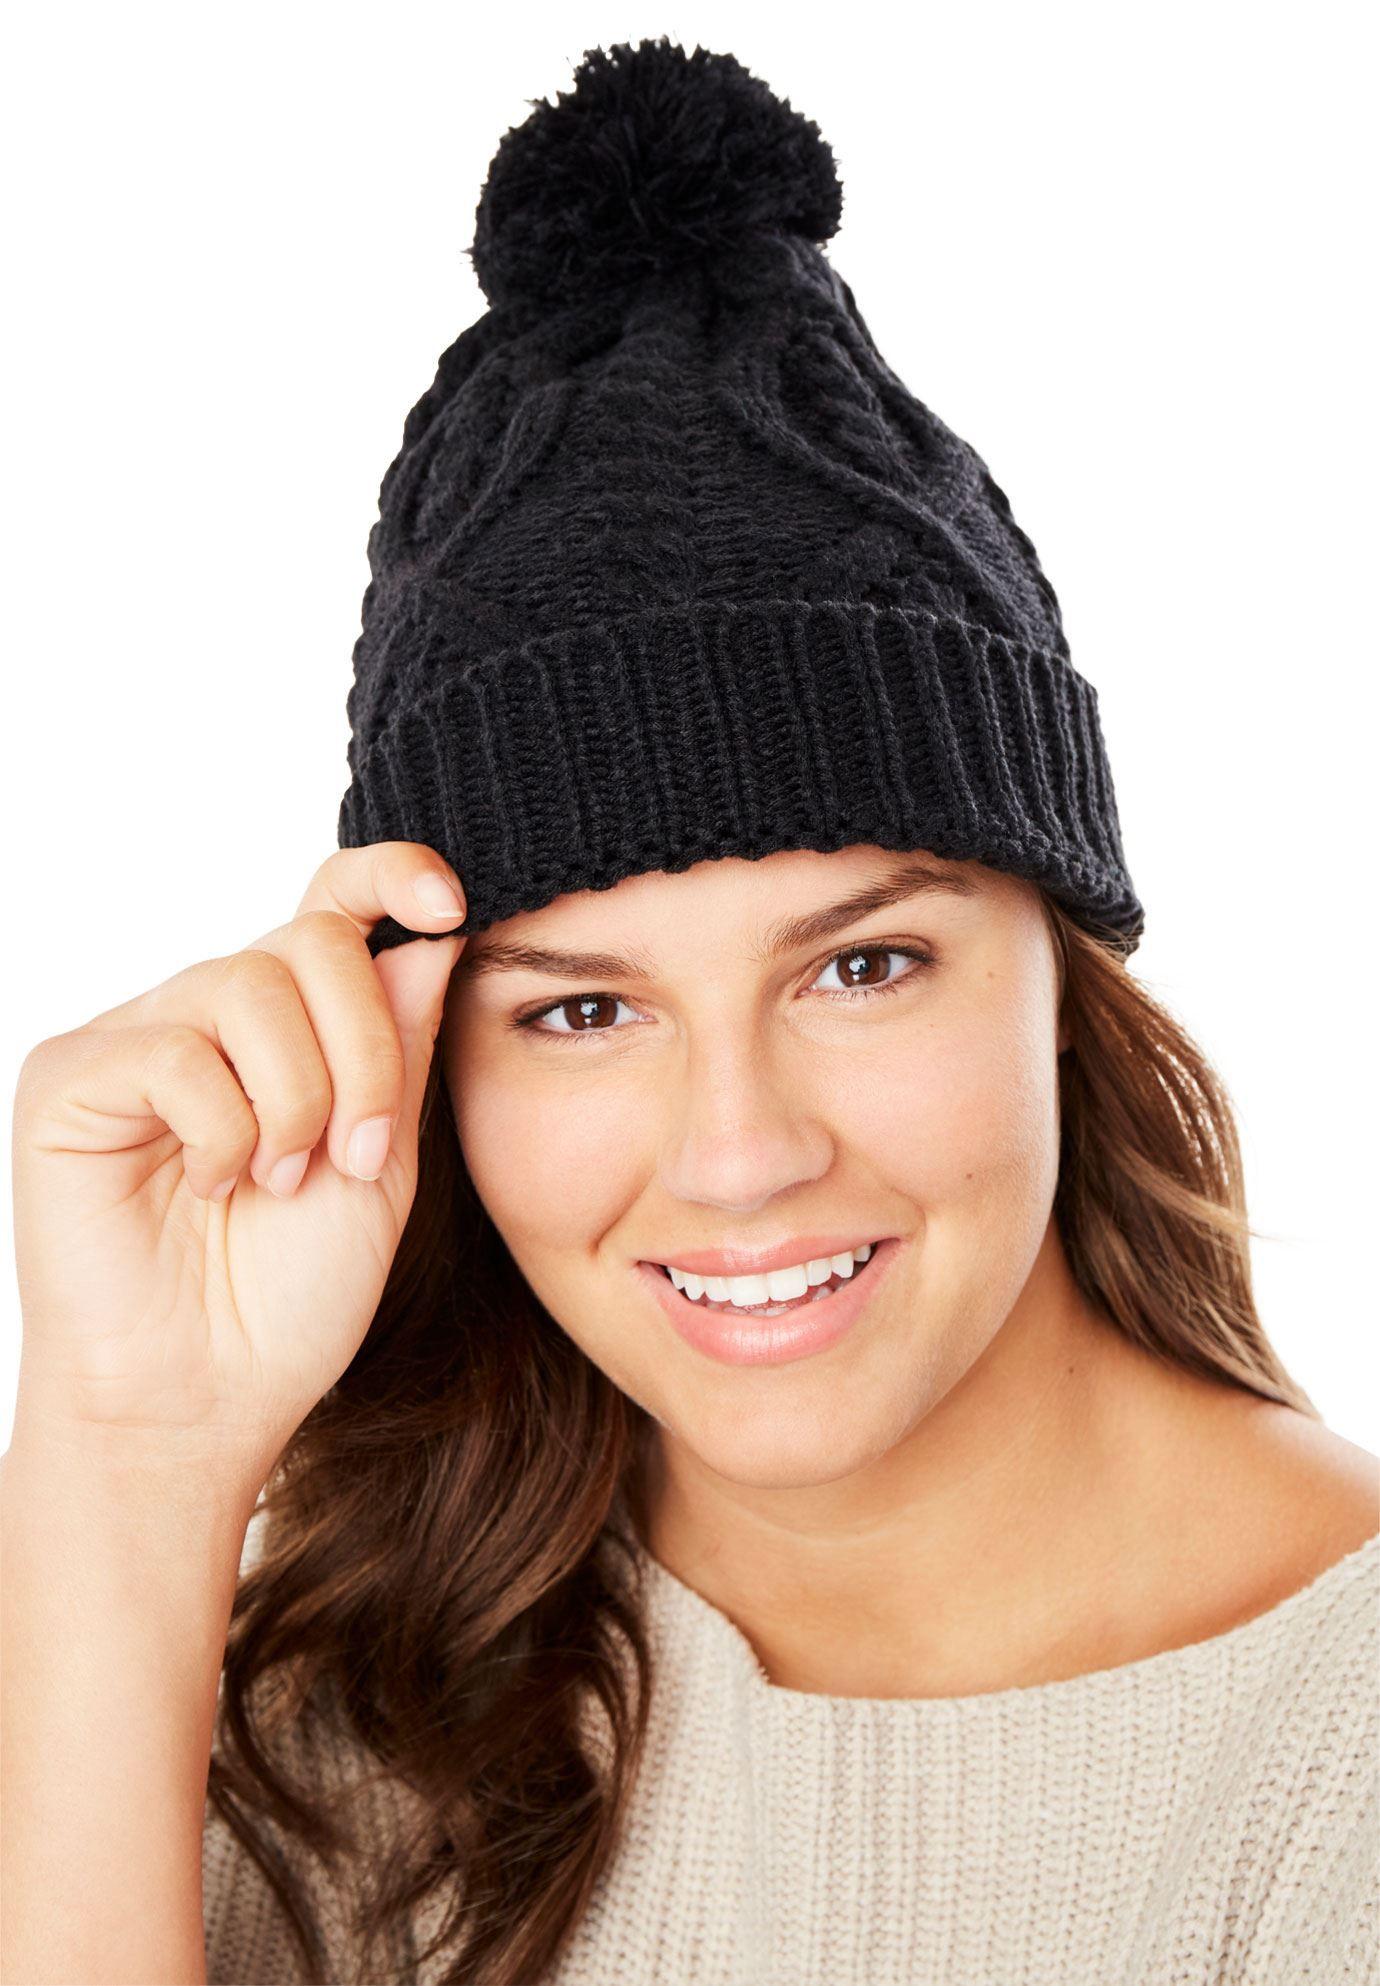 Cable Knit Pom-Pom Beanie - Women s Plus Size Clothing  b660f03733